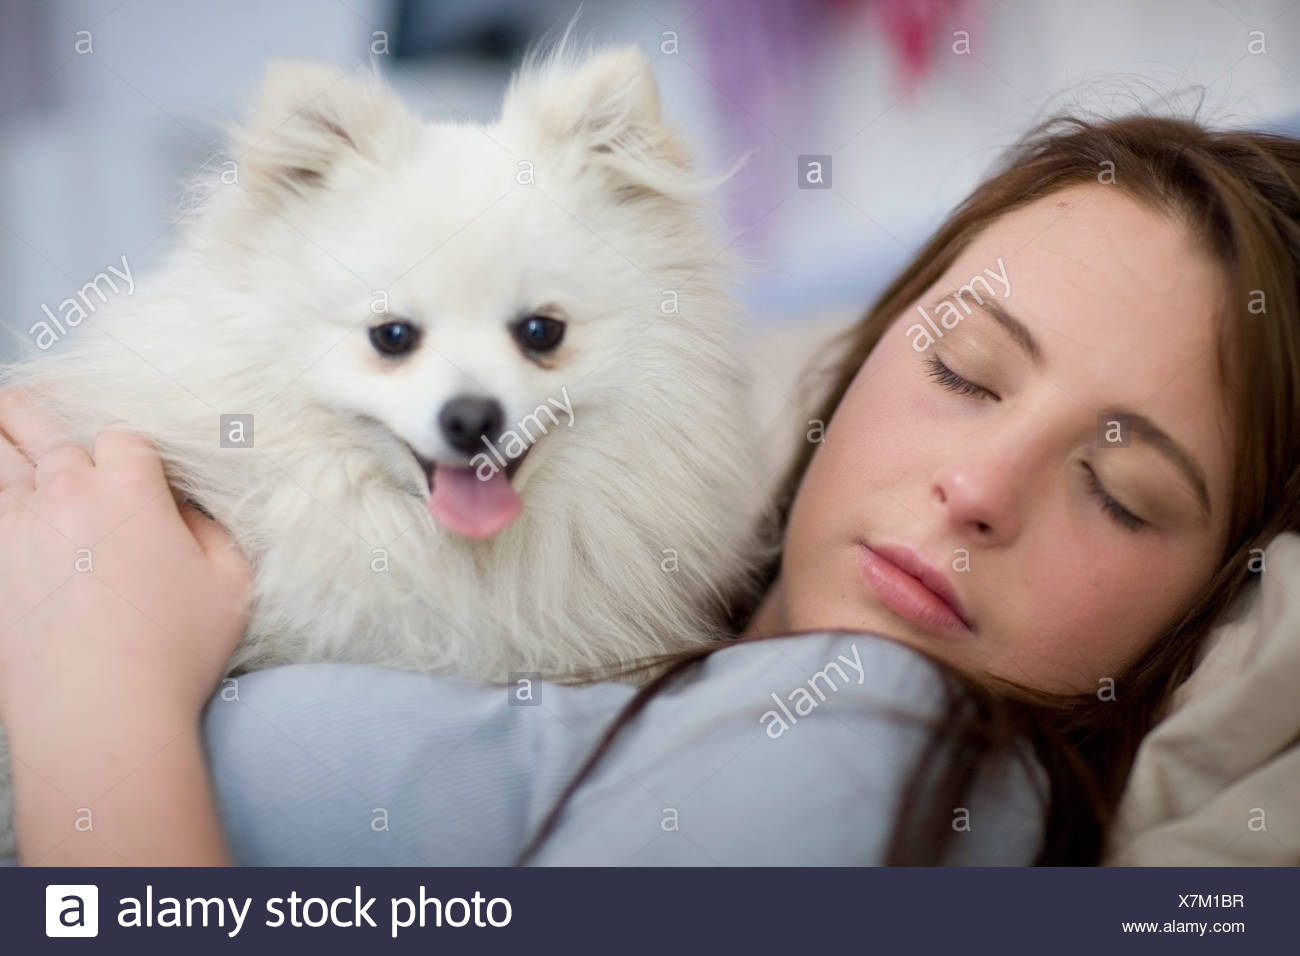 Teenage girl asleep with dog - Stock Image